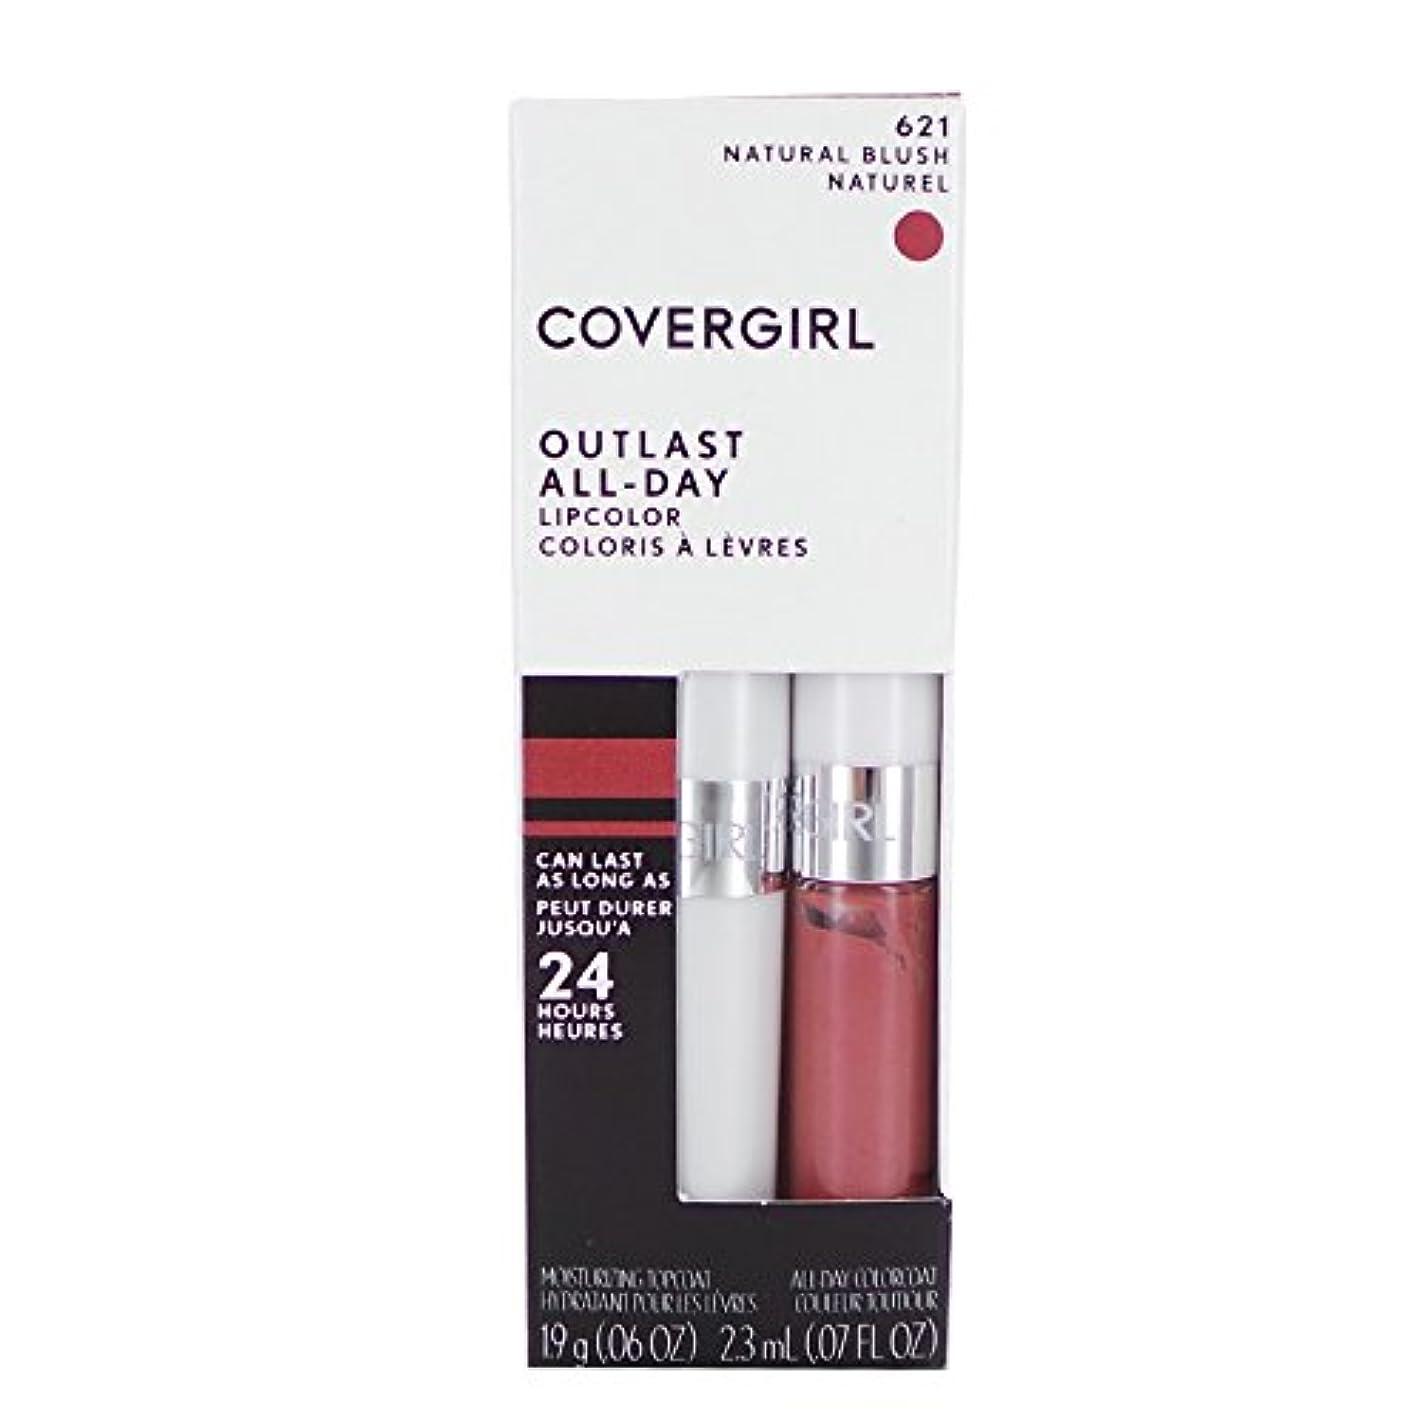 要塞前件めまい(3 Pack) COVERGIRL Outlast All-Day Lip Color - Natural Blush 621 (並行輸入品)